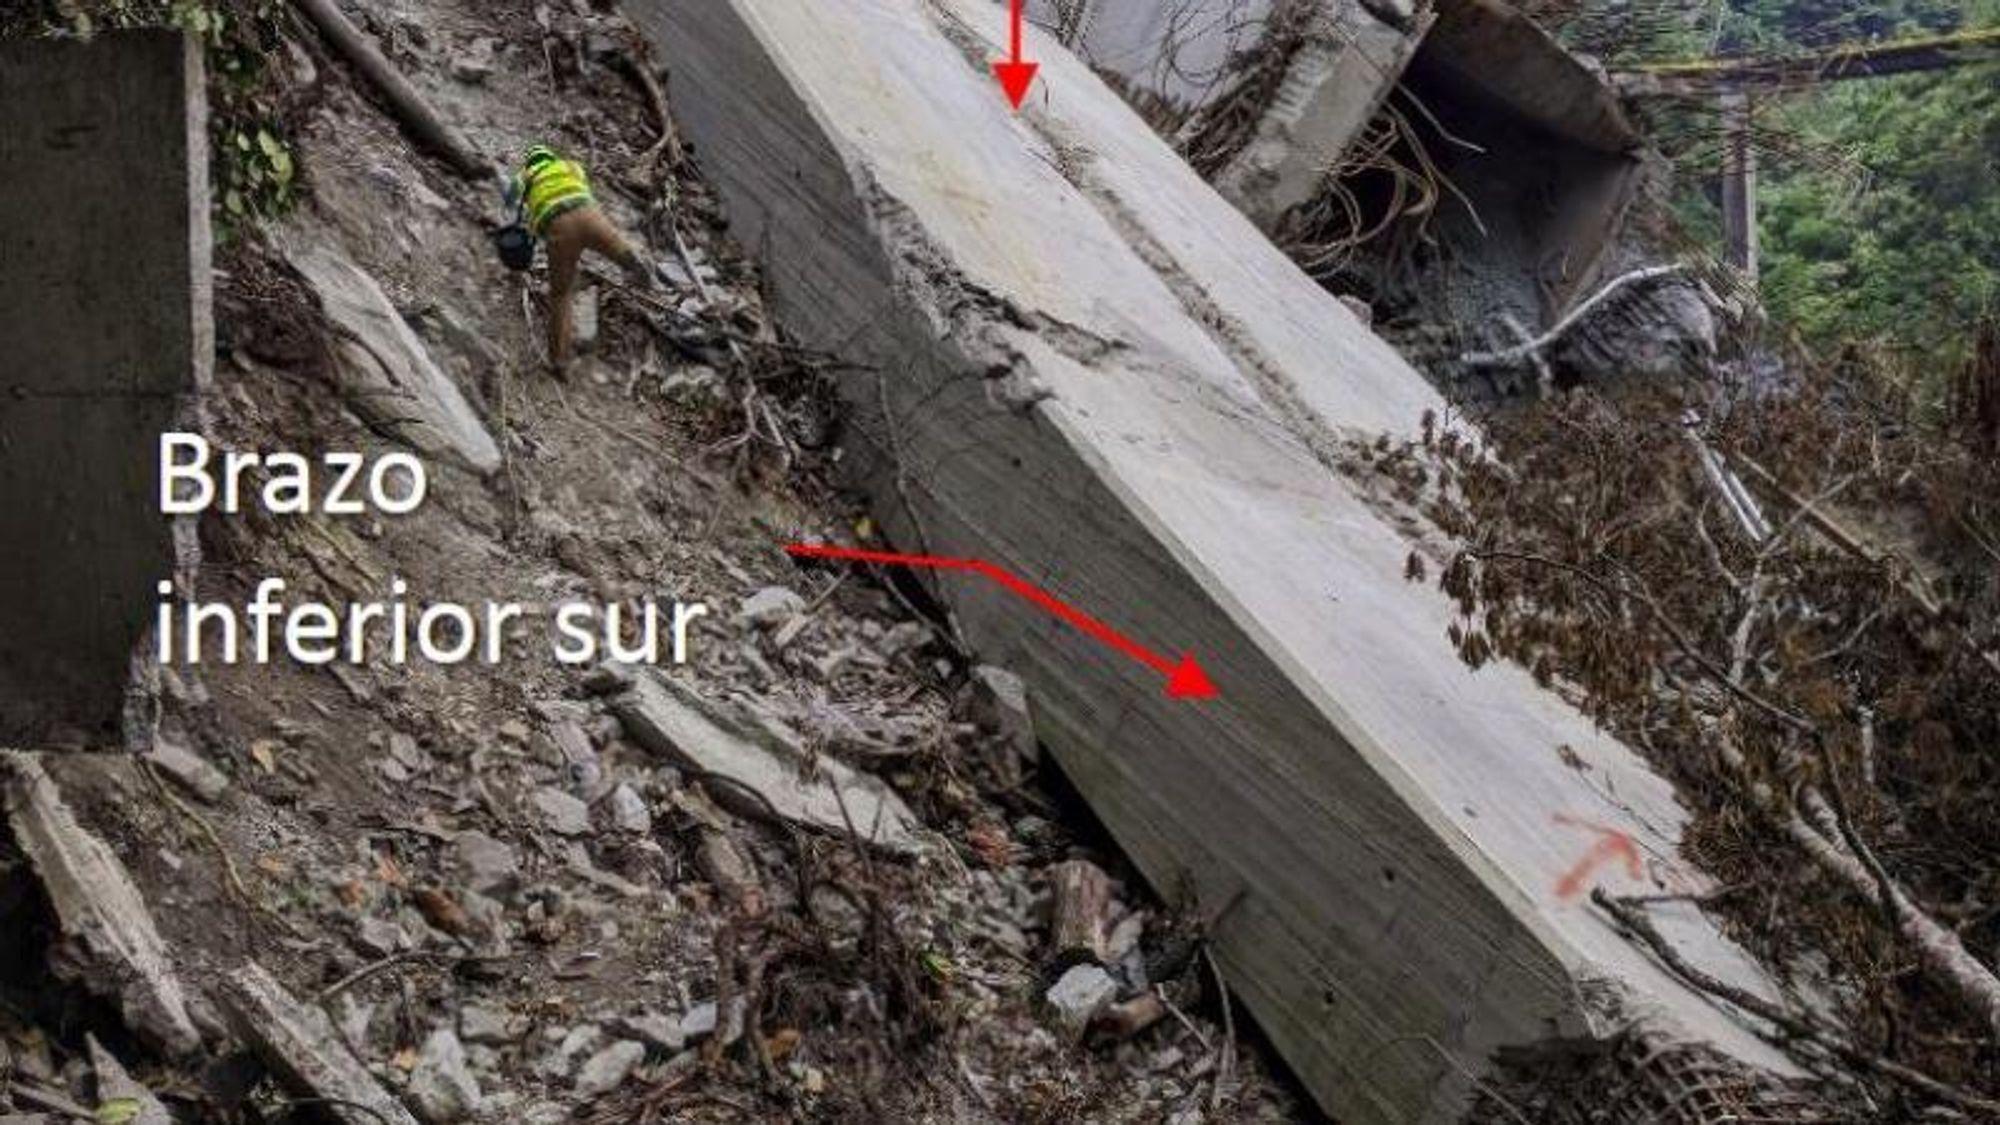 De avrevne armeringsjernene på det ene beinet til det kollapsede brutårnet kan skimtes på dette bildet (rett under den øverste røde pilen). Ingeniørene hadde feilvurdert hvordan trekkraften i pylonen ville fordele seg, og derfor hadde de ikke fått lagt inn nok armering på de mest utsatte stedene.